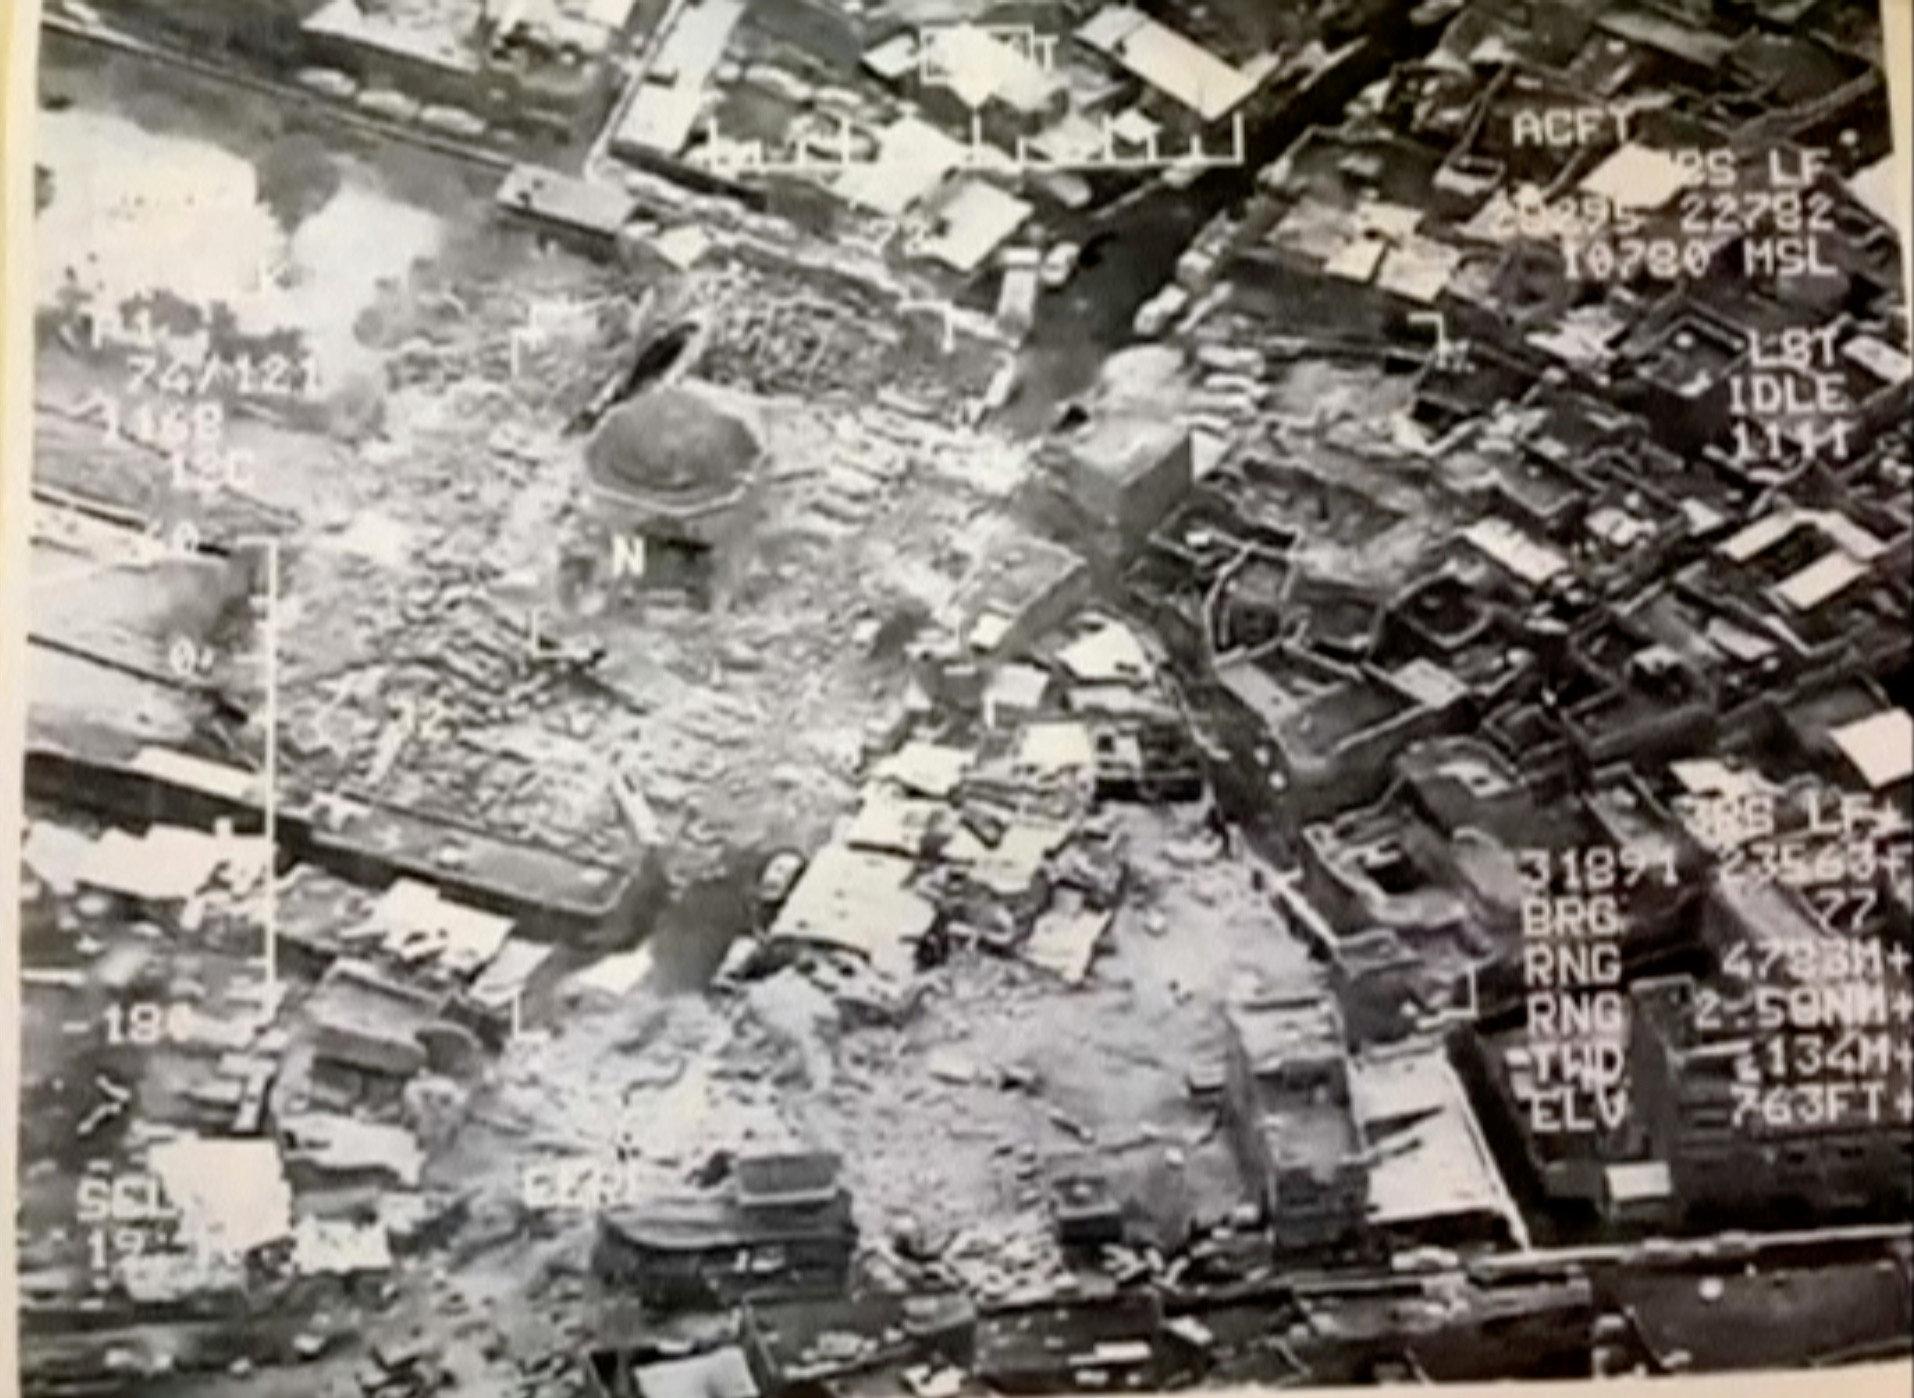 PÚBLICO - Grupo jihadista Daesh destruiu a mesquita histórica de Mossul